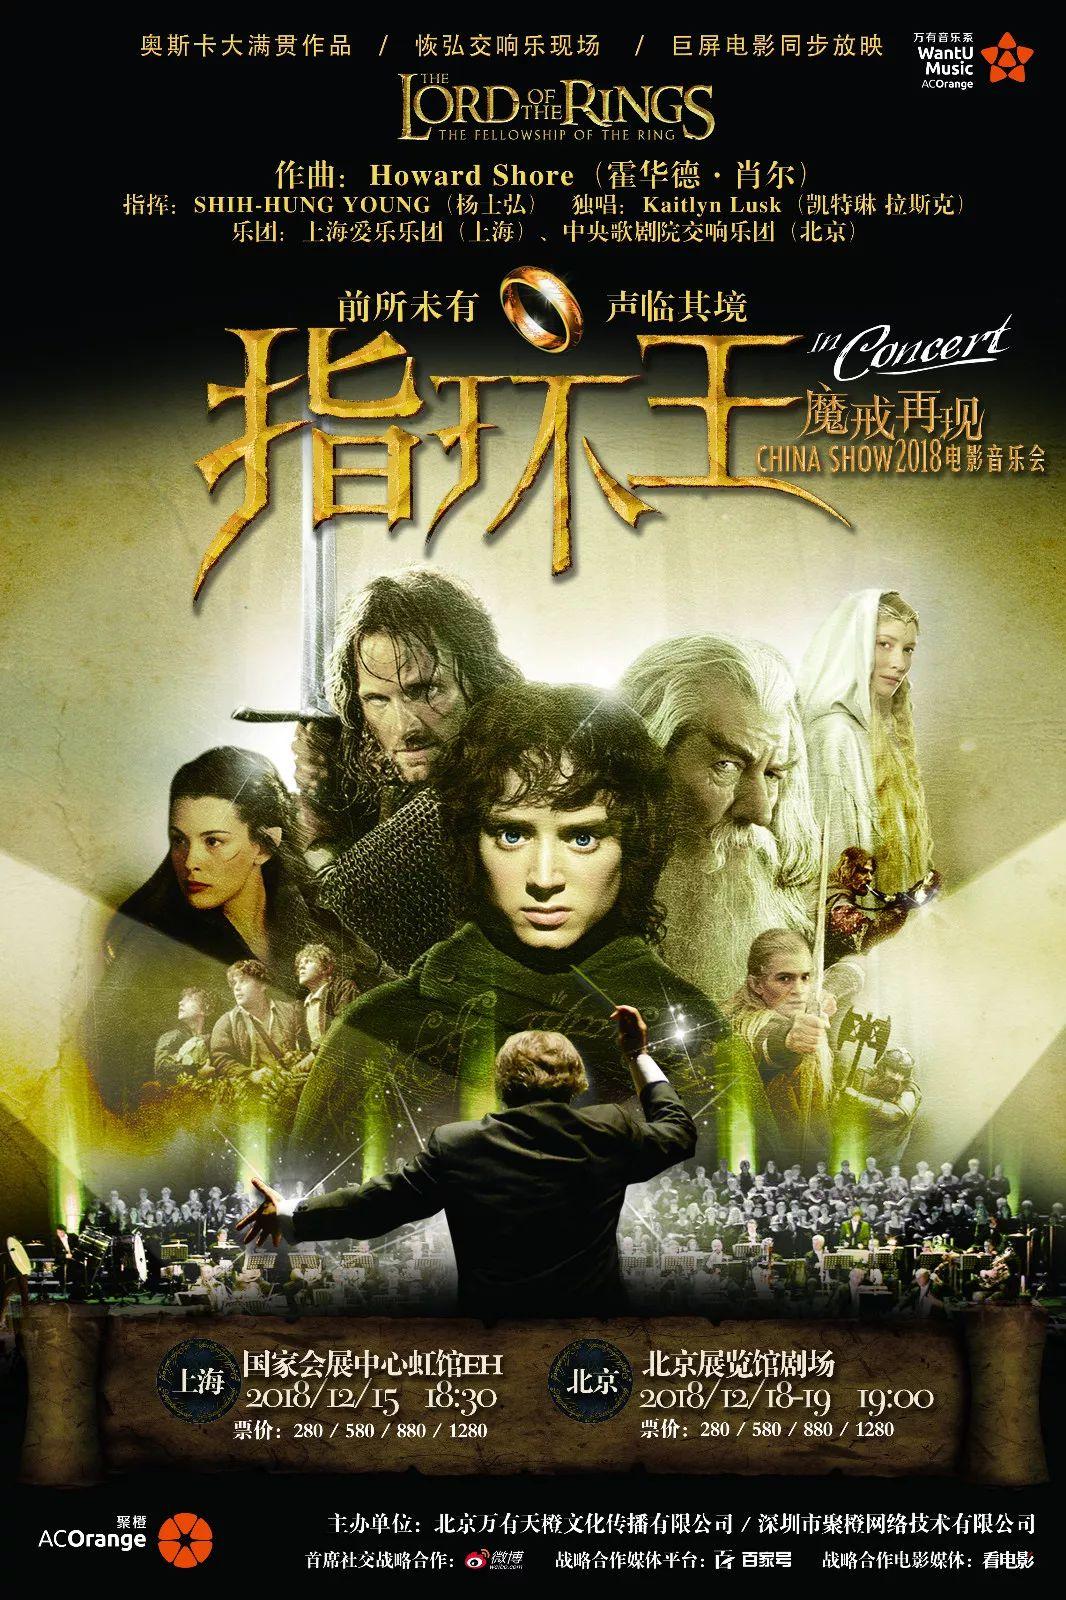 盛大开票!《指环王·魔戒再现》电影视听音乐会,重现壮阔的中土世界